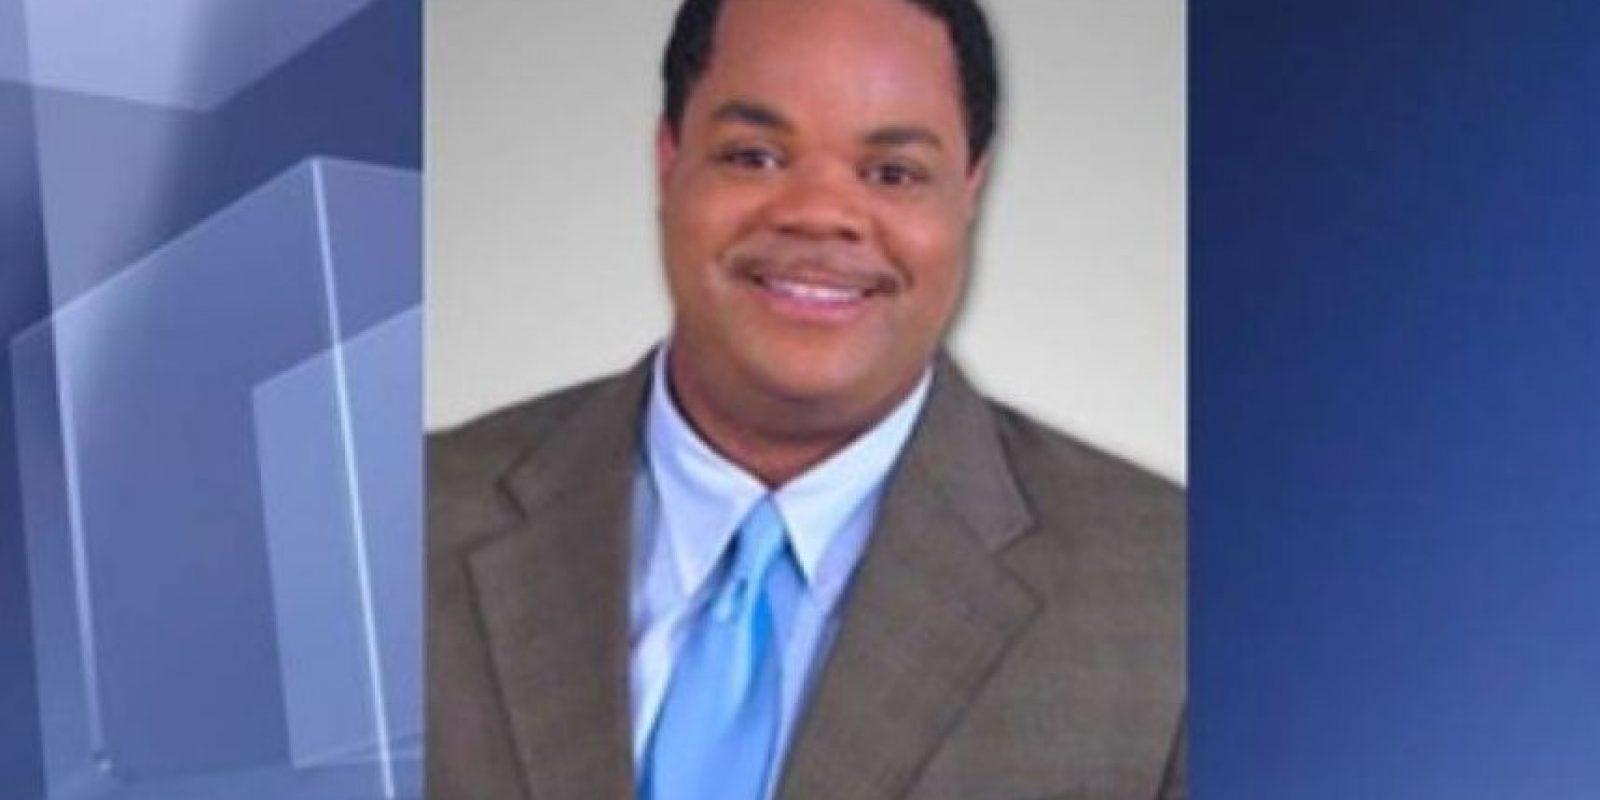 Su asesino, Vester Lee Flanagan, era conocido como Bryce William Foto:AP